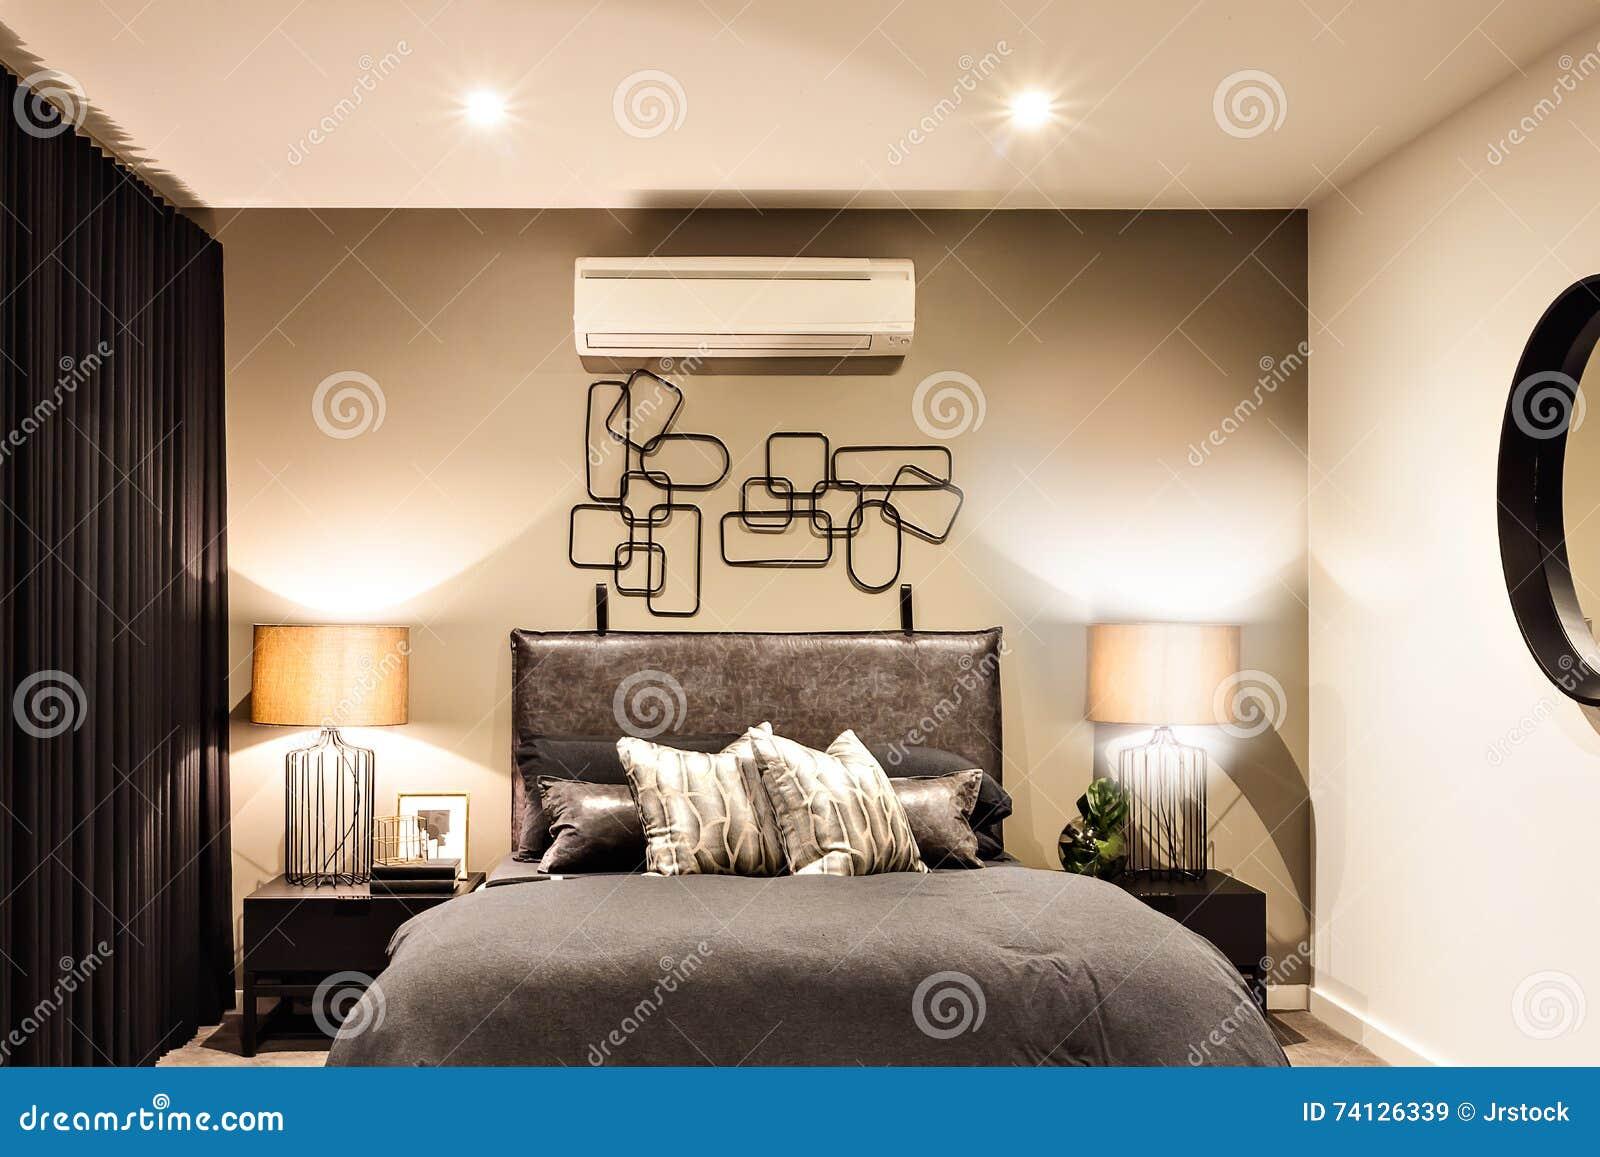 Modernes Schlafzimmer Mit Klimaanlage In Einem Luxushaus Stockbild ...